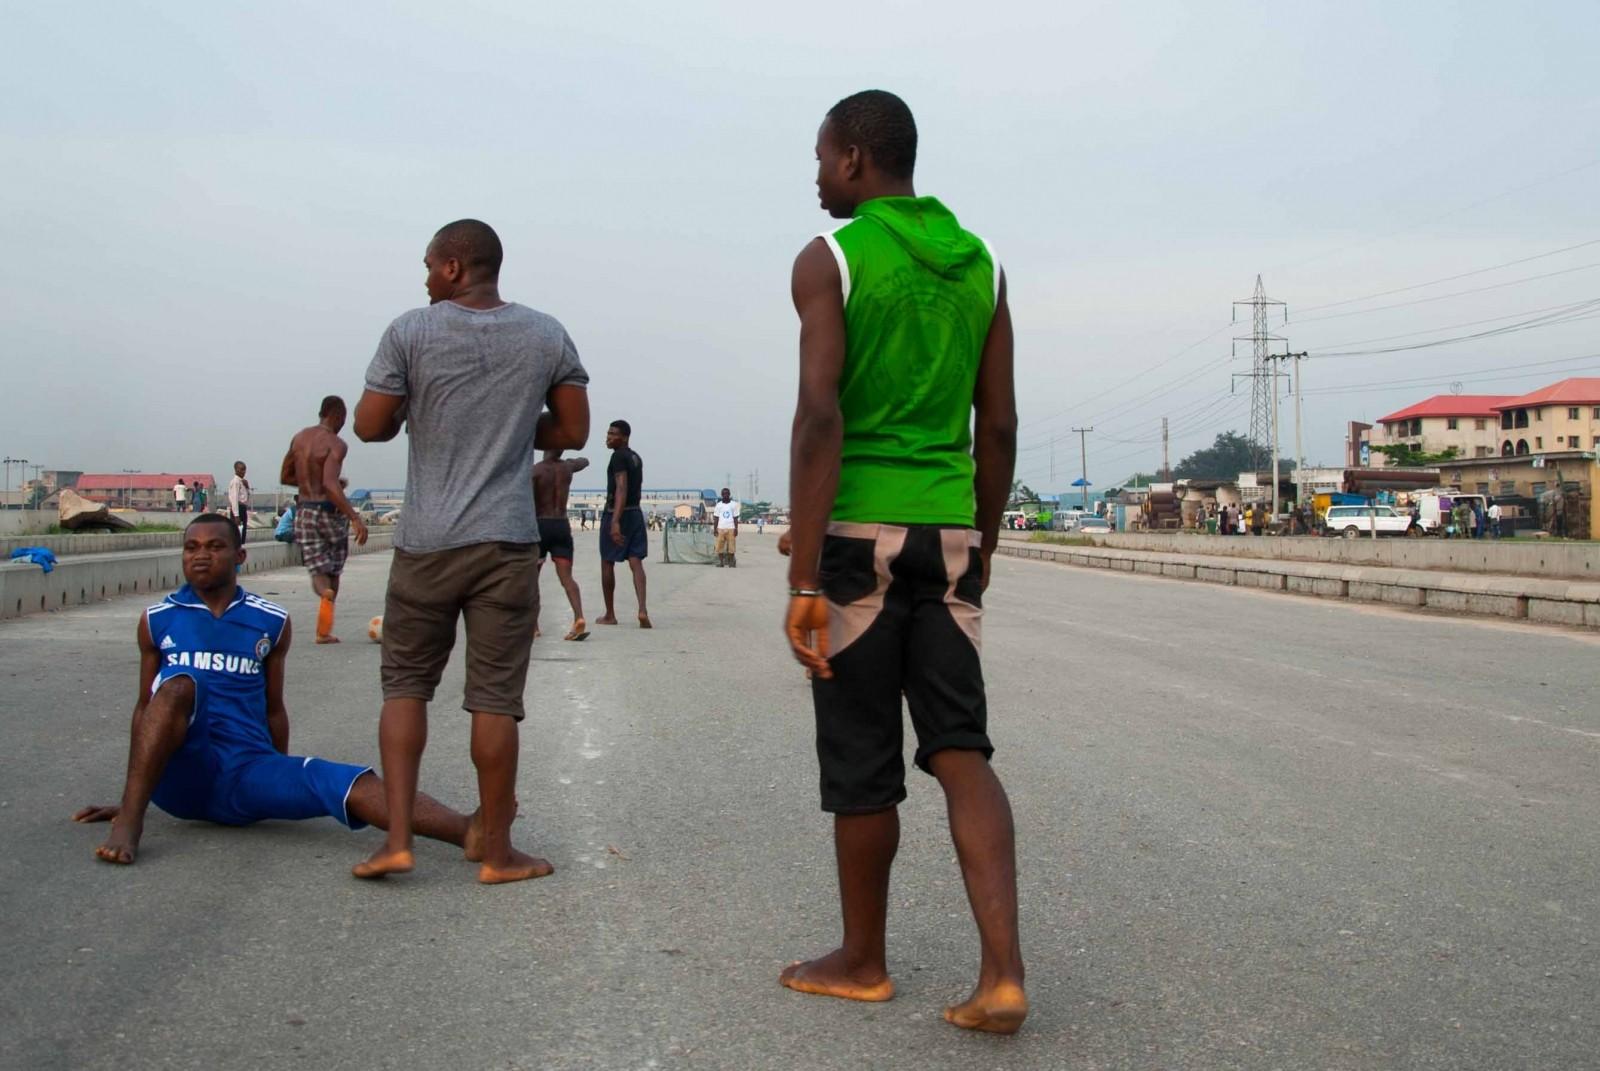 Jóvenes jugando fútbol en Blue Line de Lagos (Nigeria), el tren ligero construido por contratistas chinos. Imagen cortesía de Go West Project.